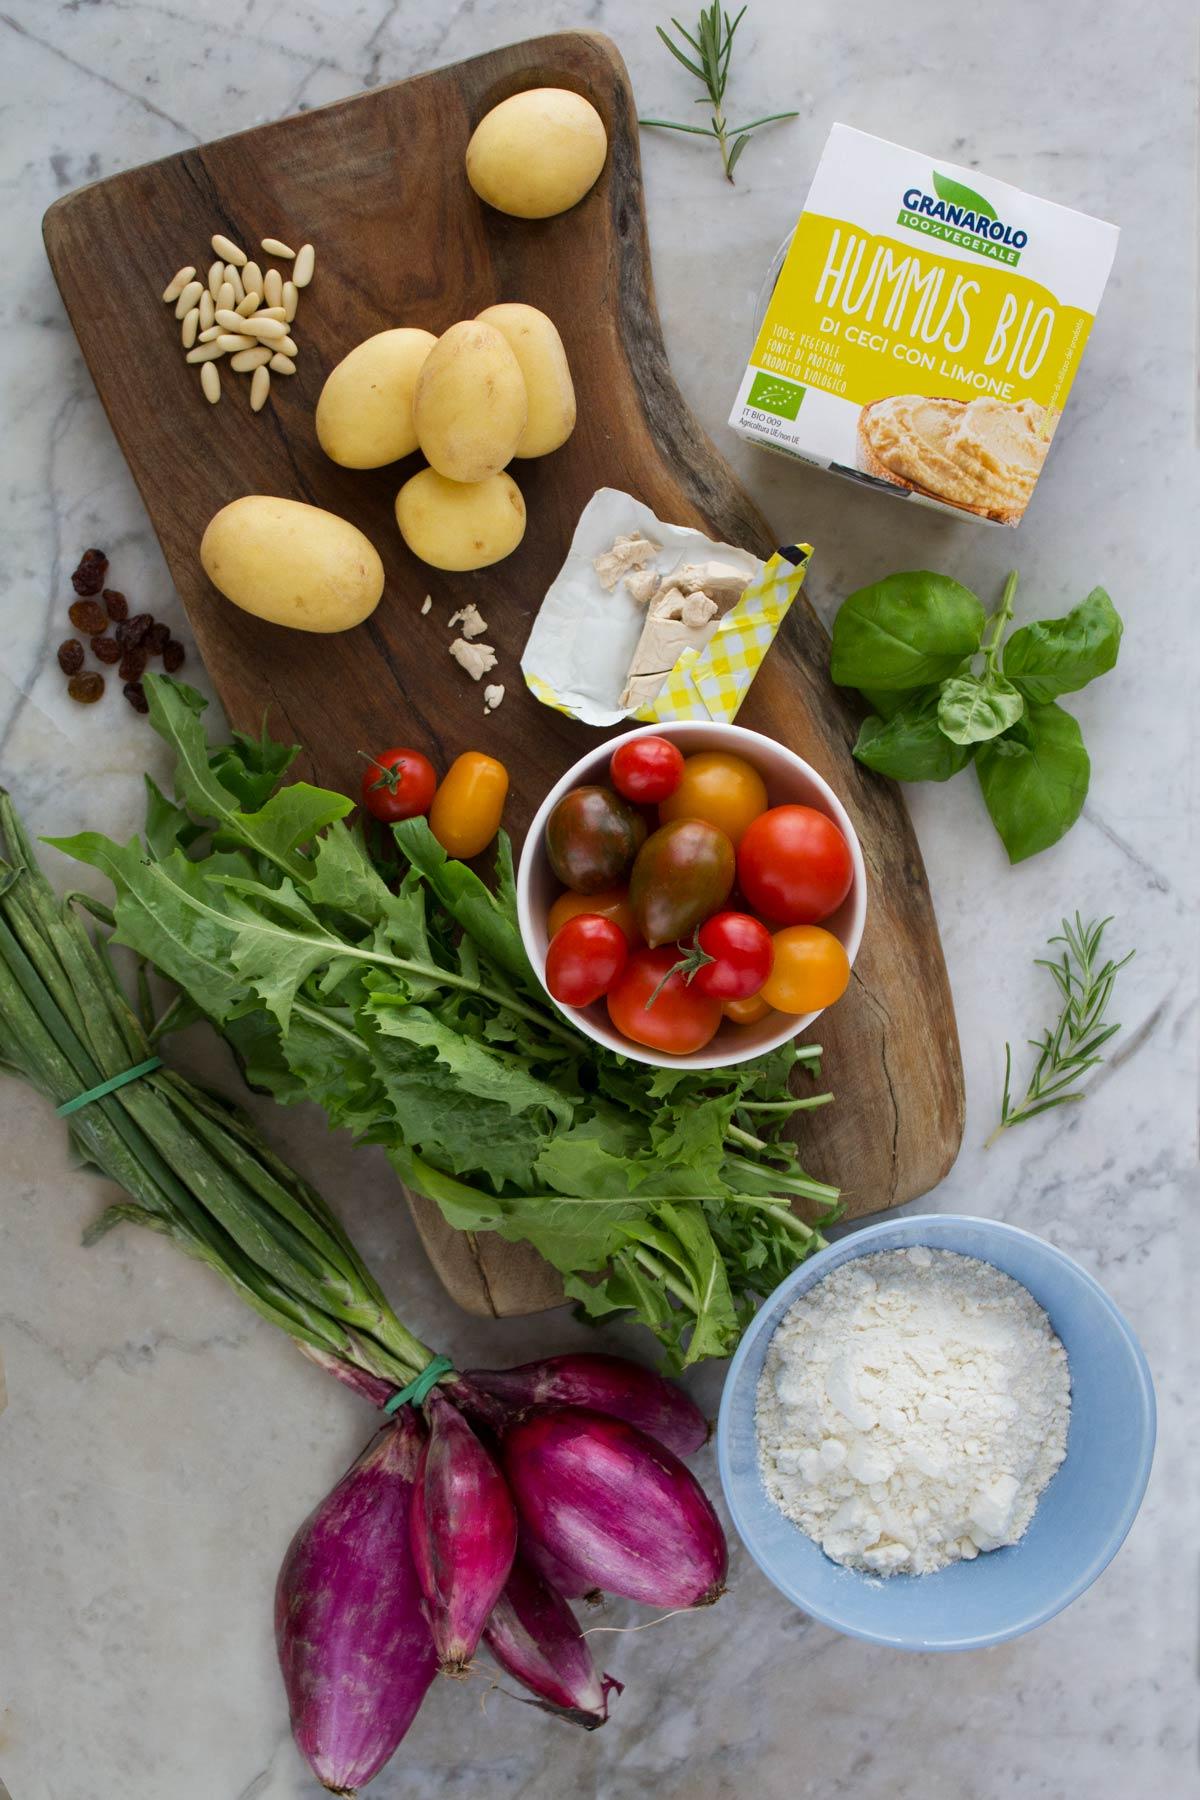 Ingredienti per la pizza hummus